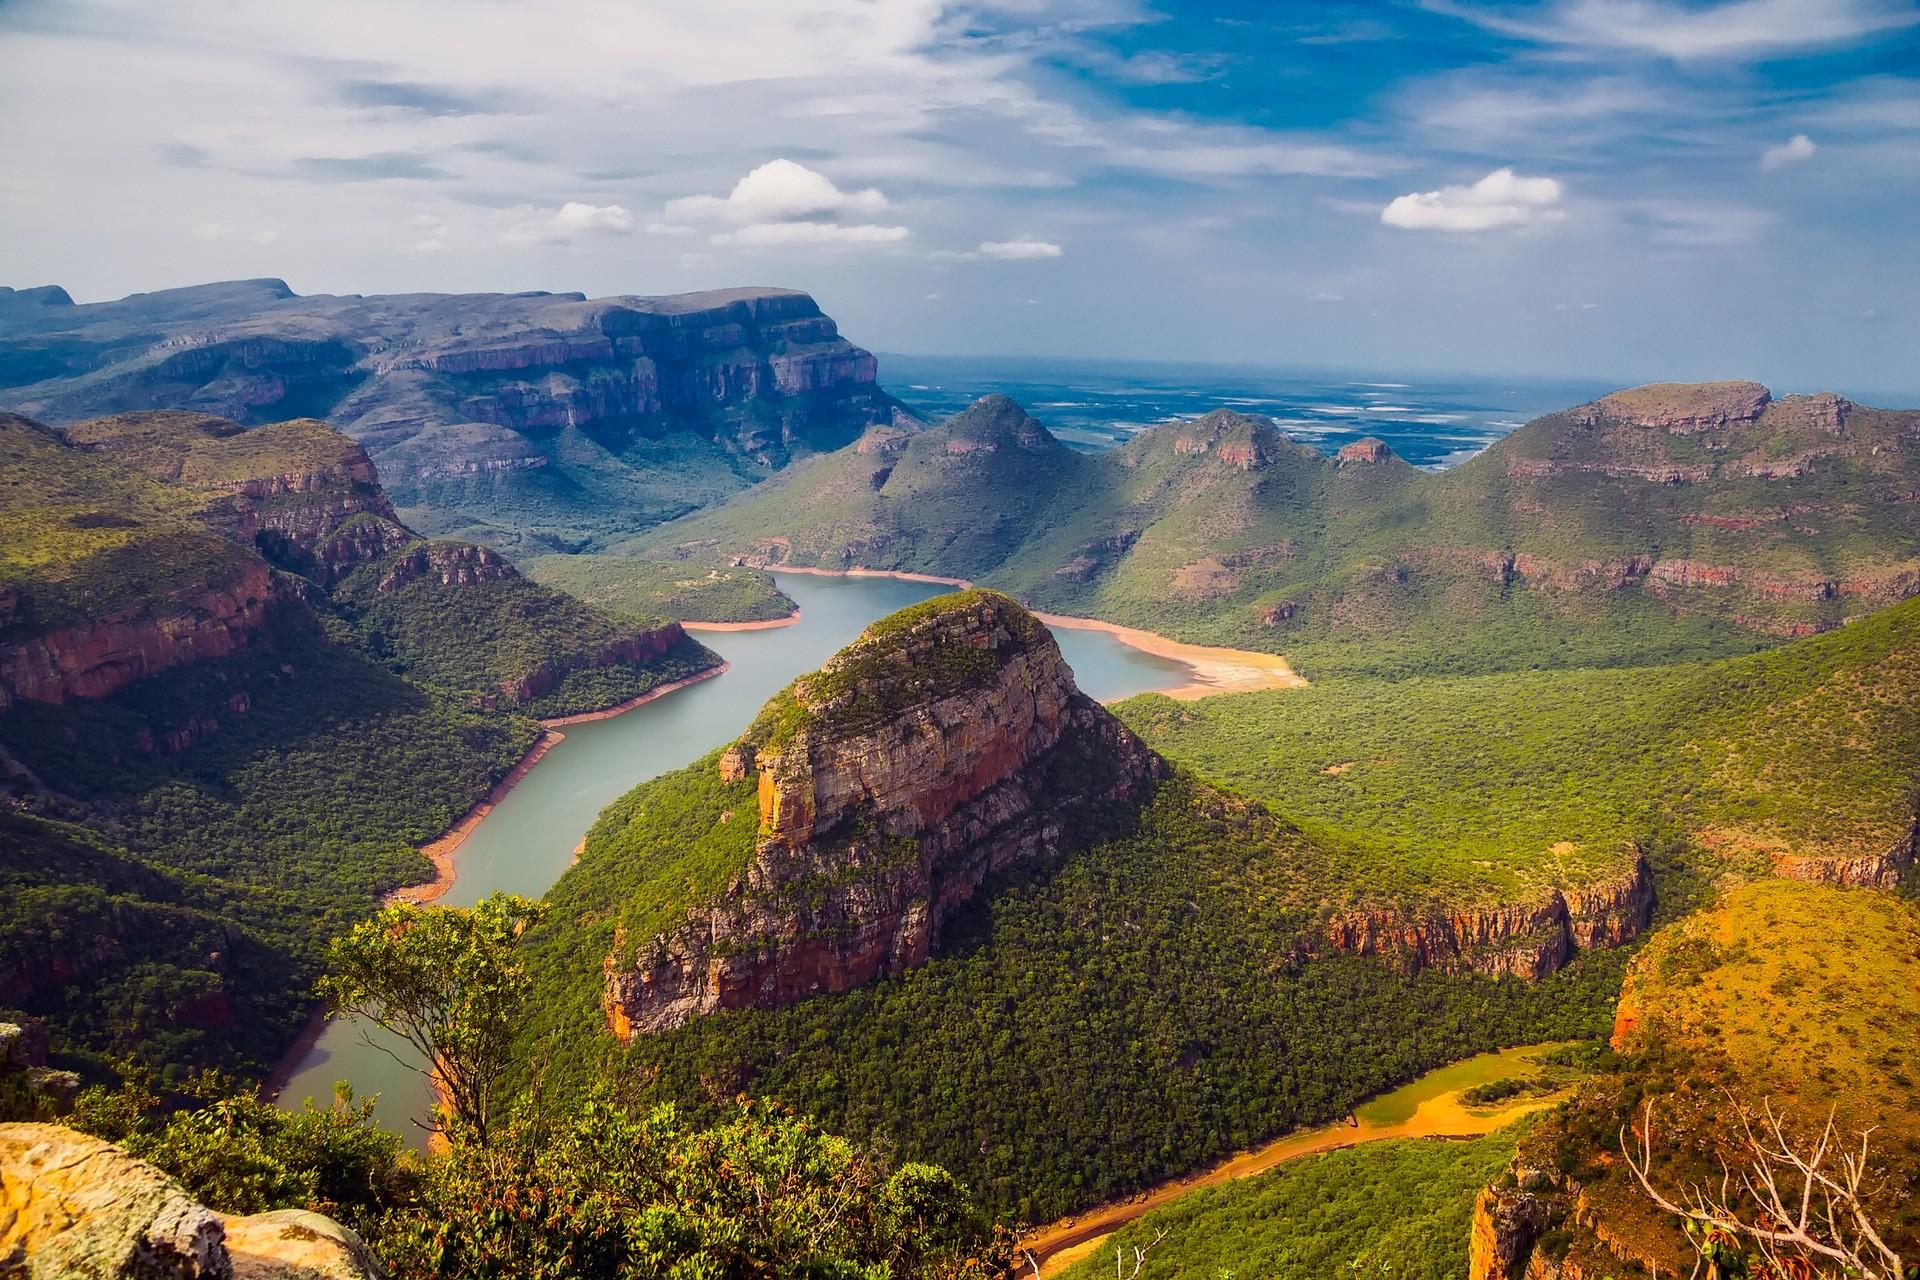 Paesaggio del Sud Africa - Foto di David Mark da Pixabay